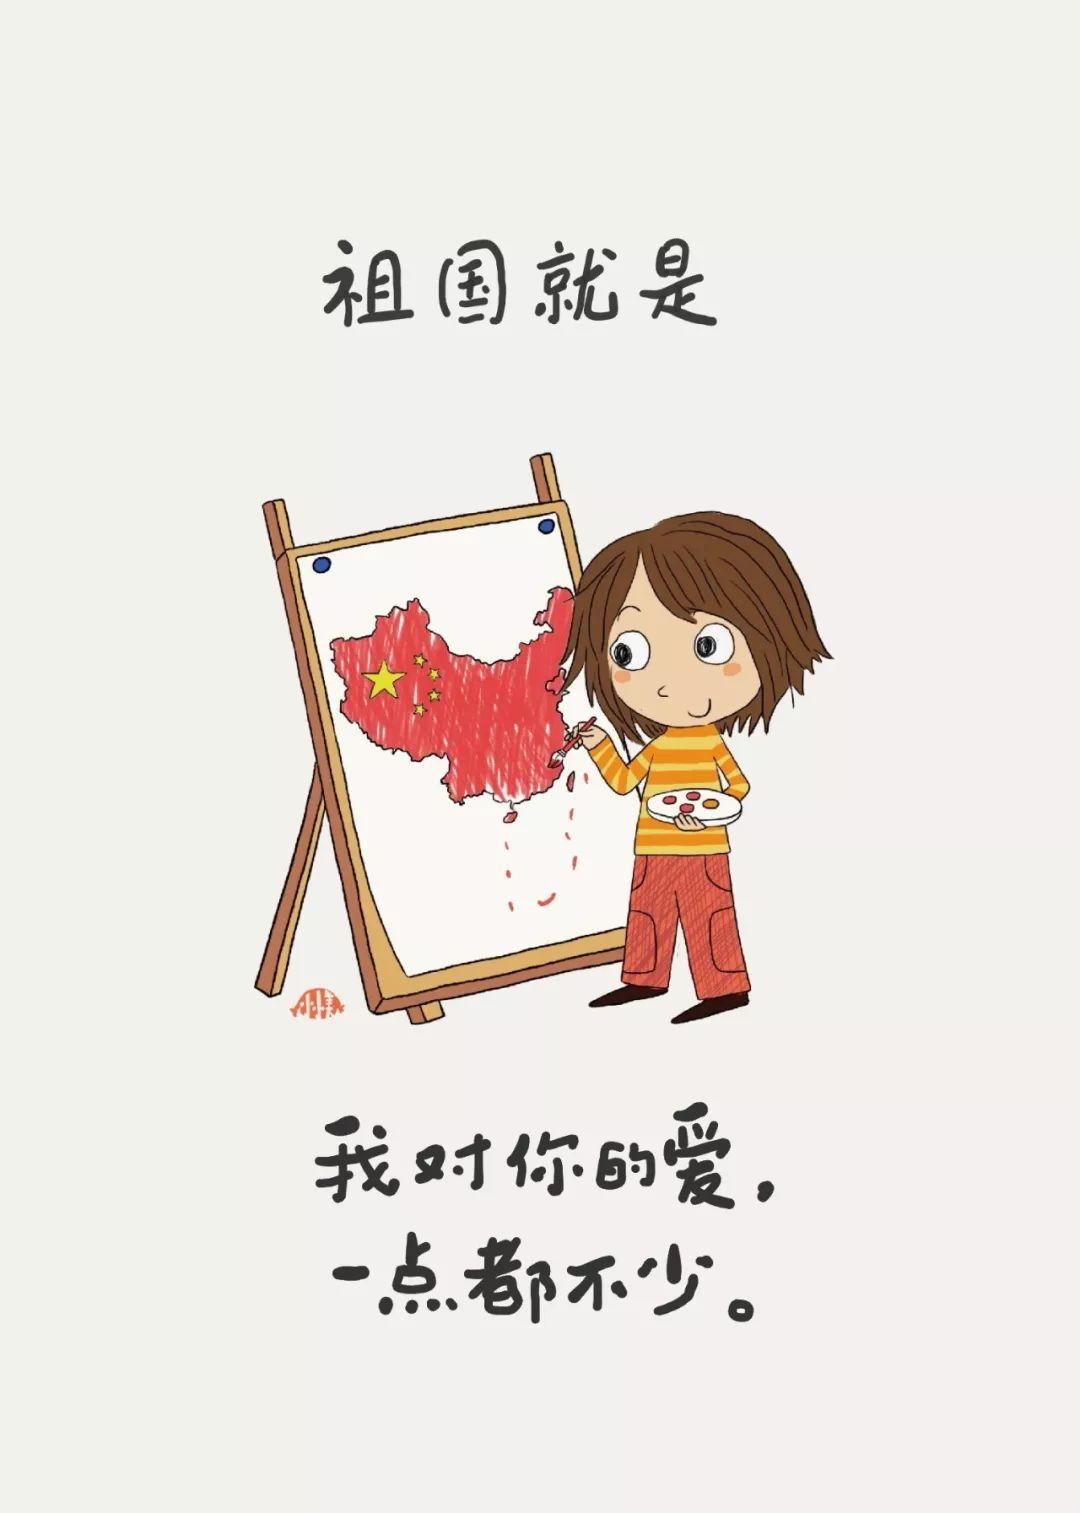 国庆节,送给祖国的九幅画